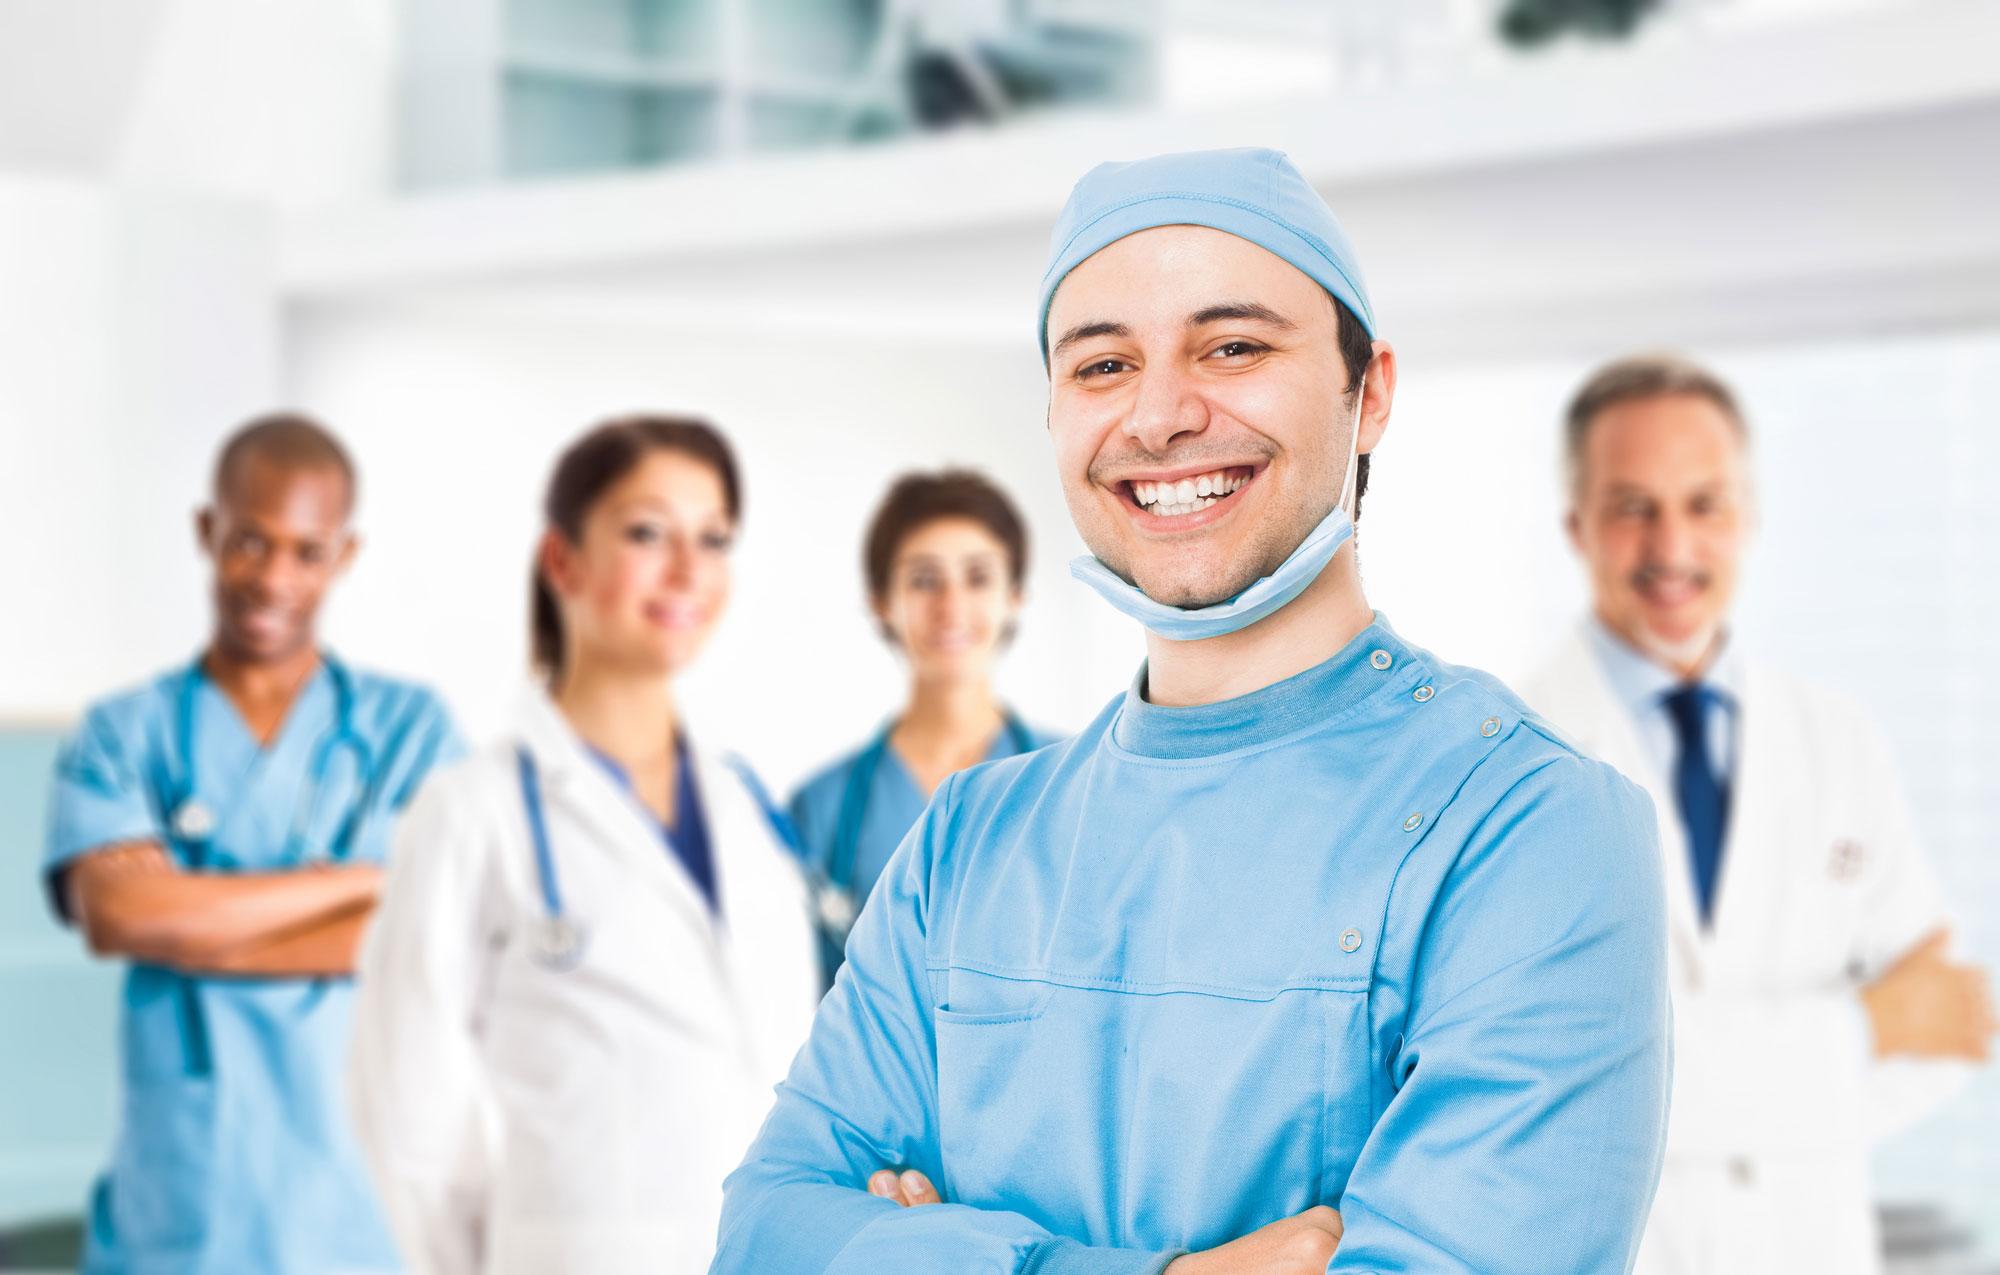 Лучшая стоматологическая клиника в Краснодаре: идеальное восстановление зубов